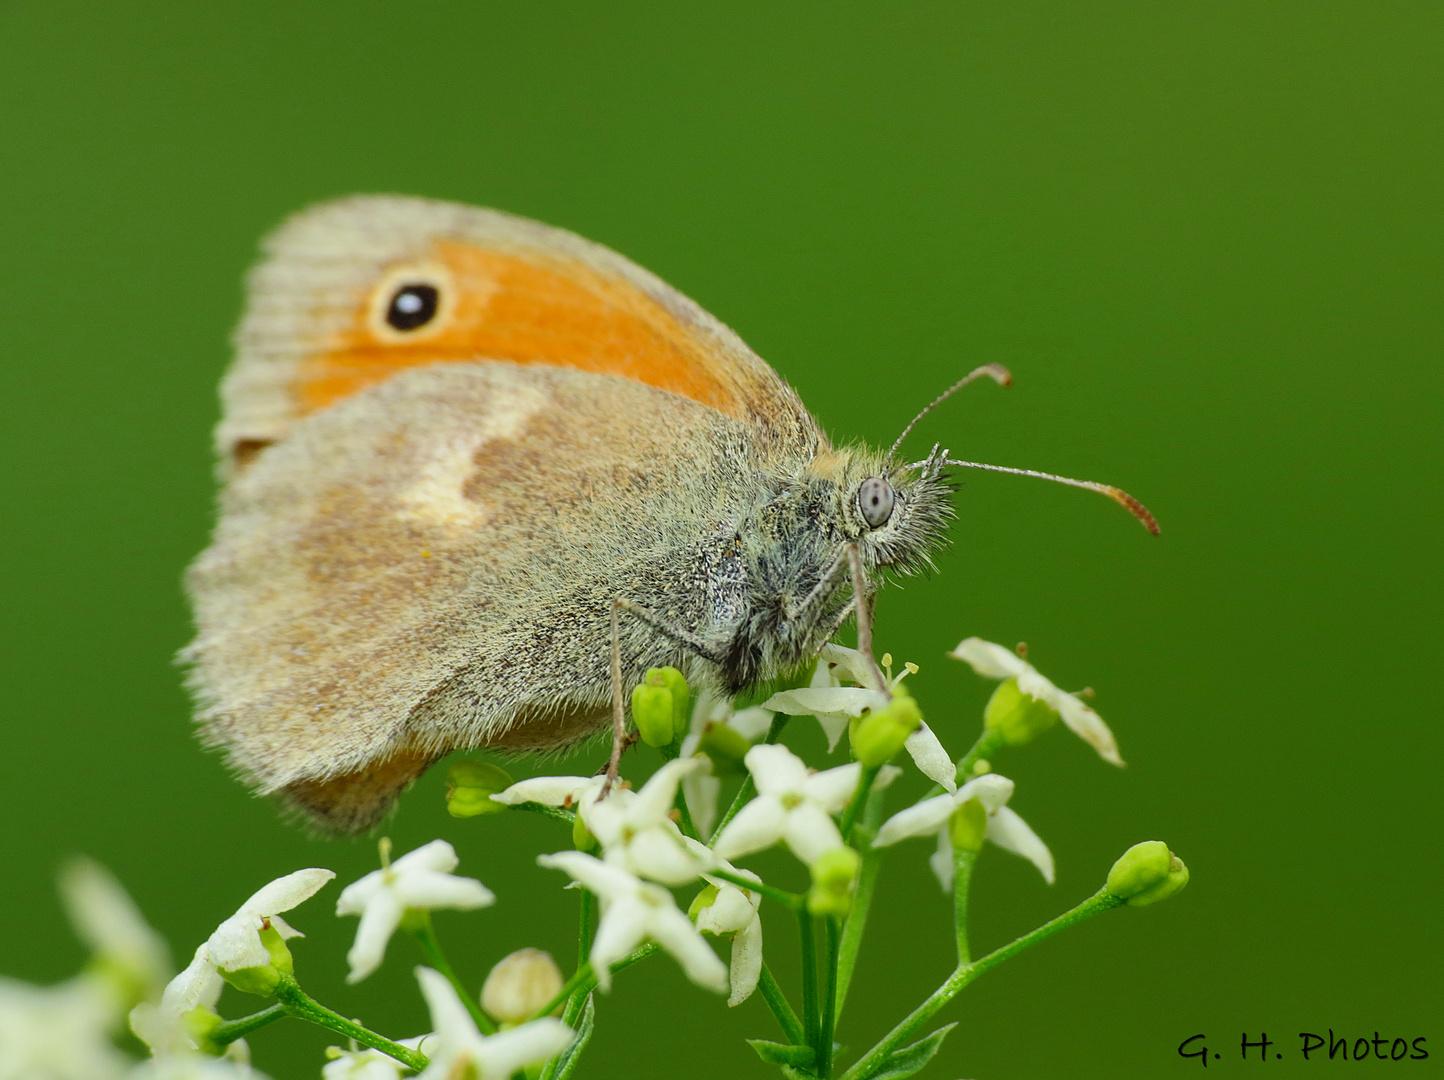 Butterfly sit on a flower